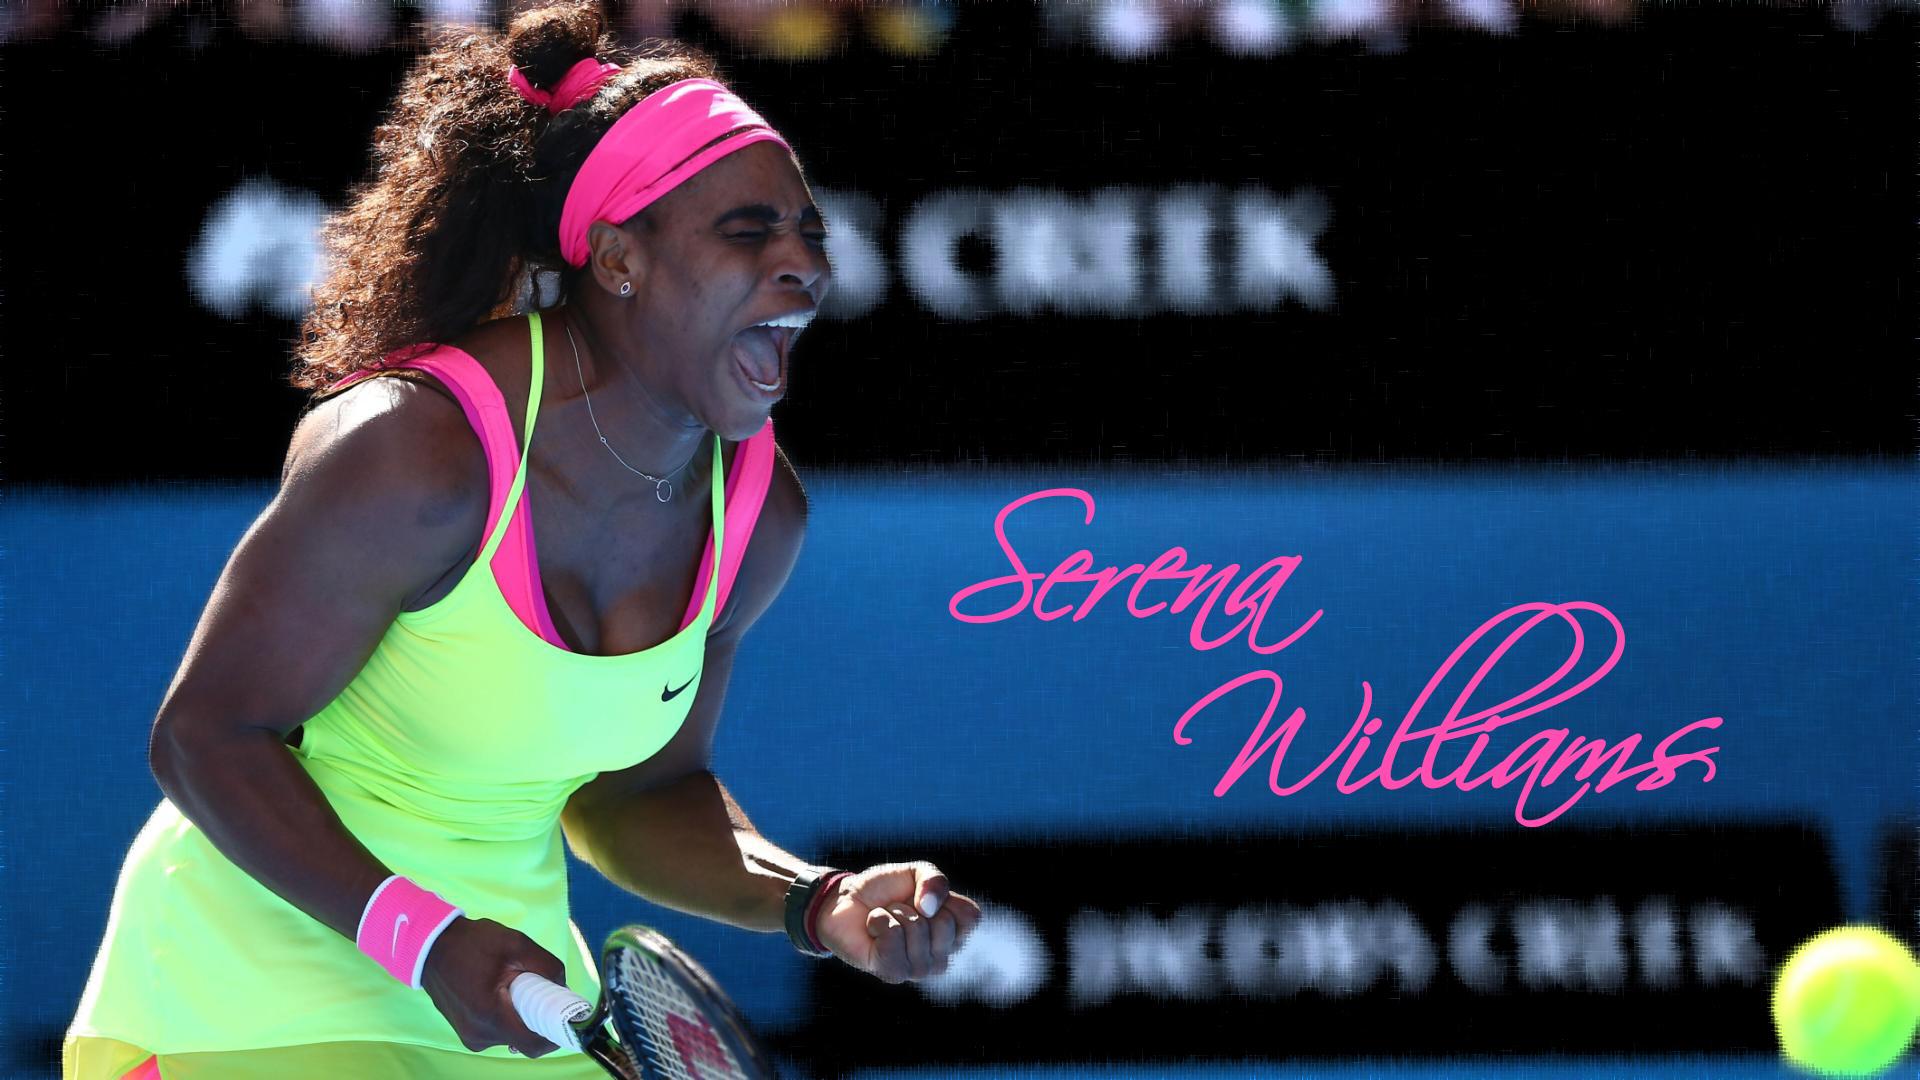 Serena Williams Wallpapers   3Q3FZD2   4USkY 1920x1080